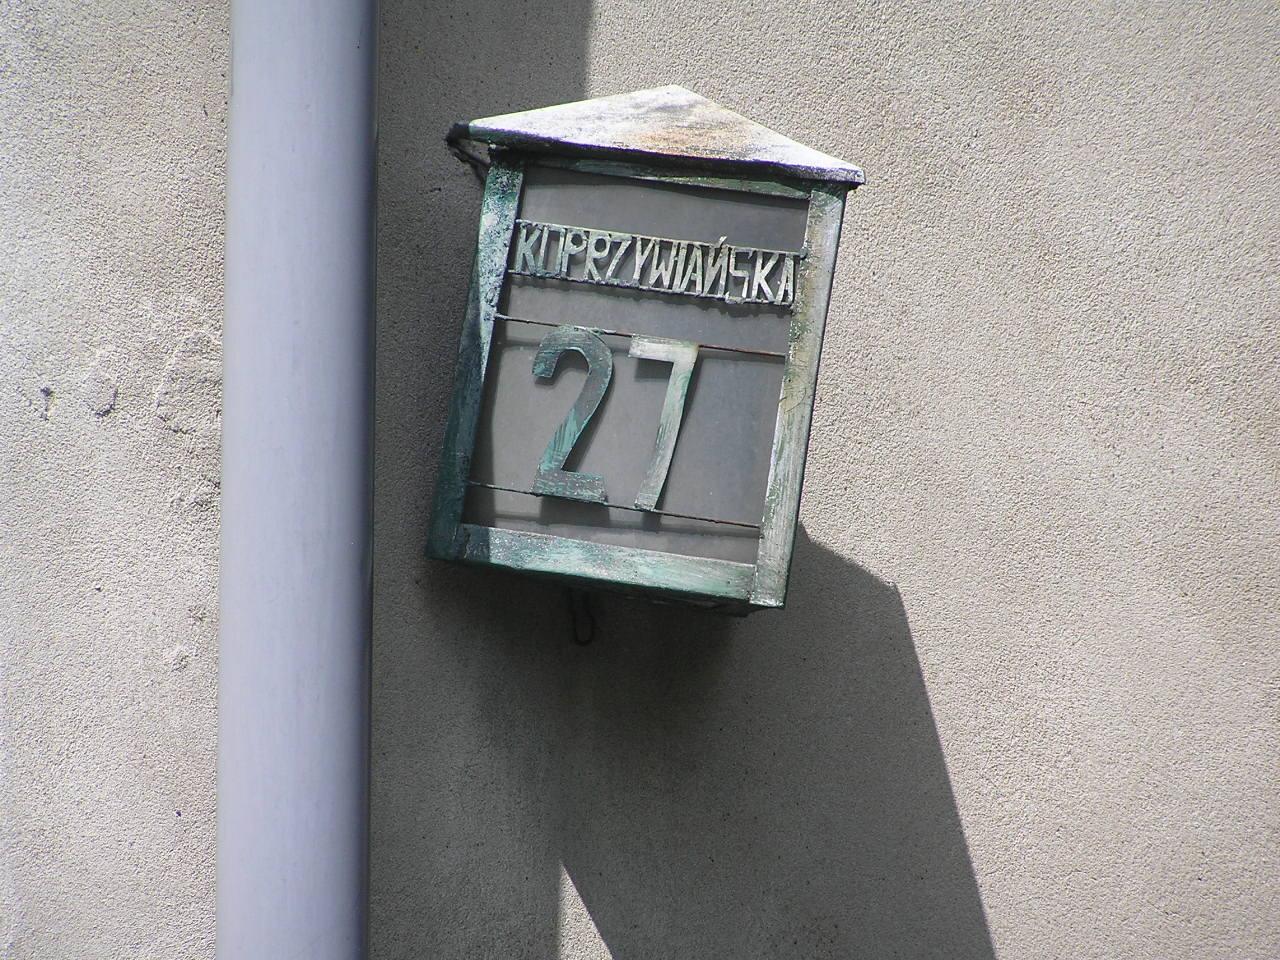 Latarenka adresowa - Koprzywiańska 27